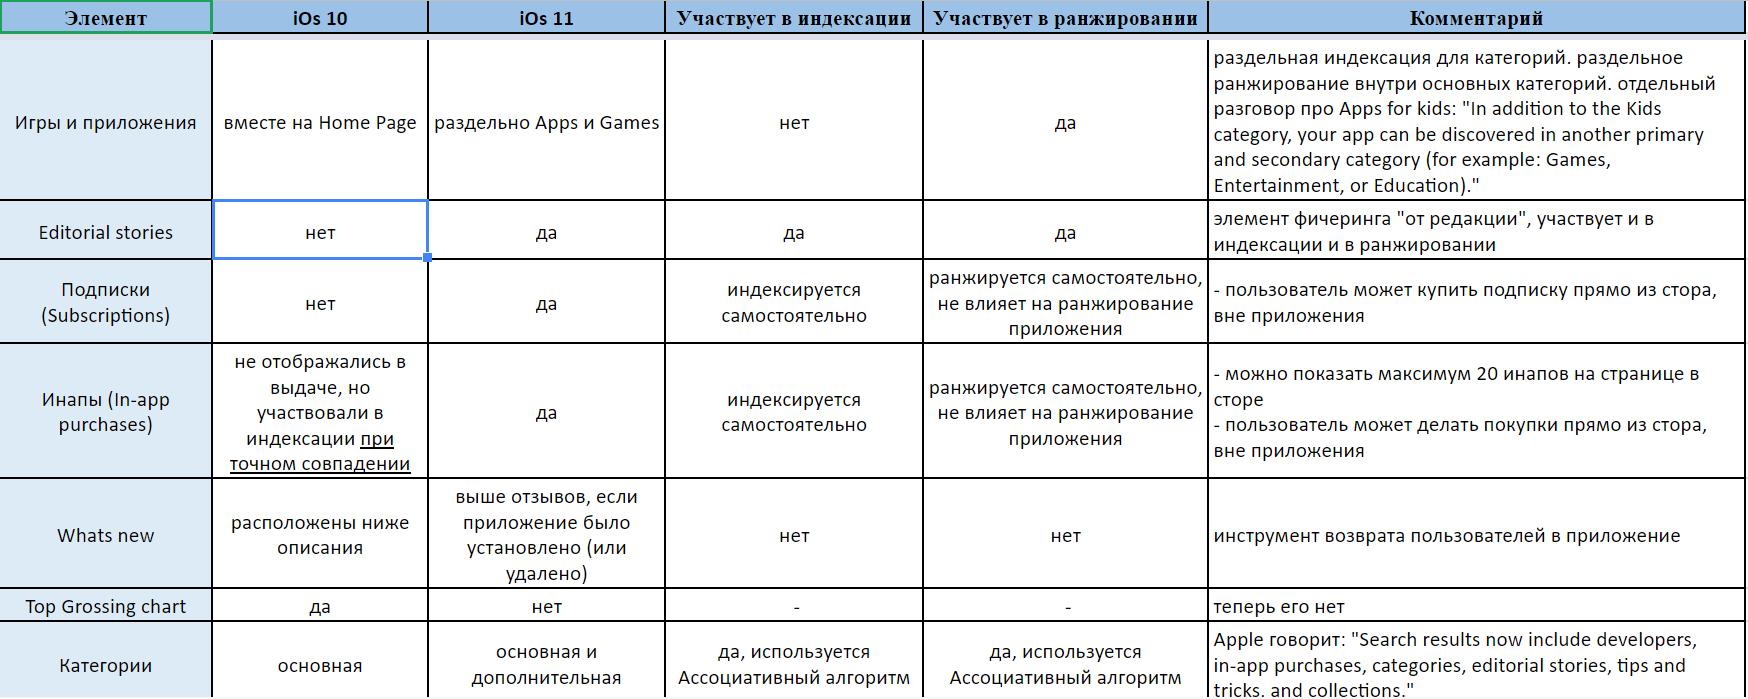 ASO в iOS 11: сводная таблица изменений - 3